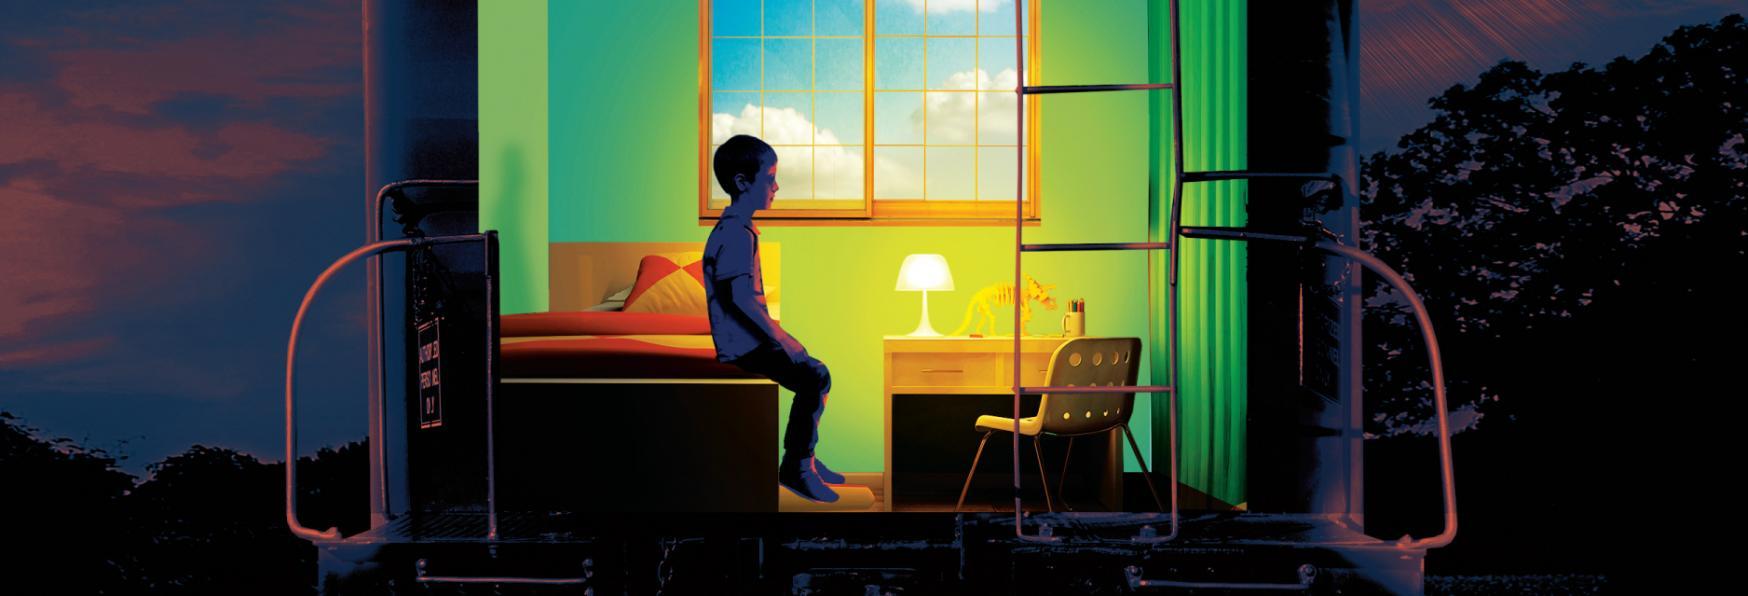 The Institute: David Kelley realizzerà una Serie TV basata sul Romanzo di Stephen King